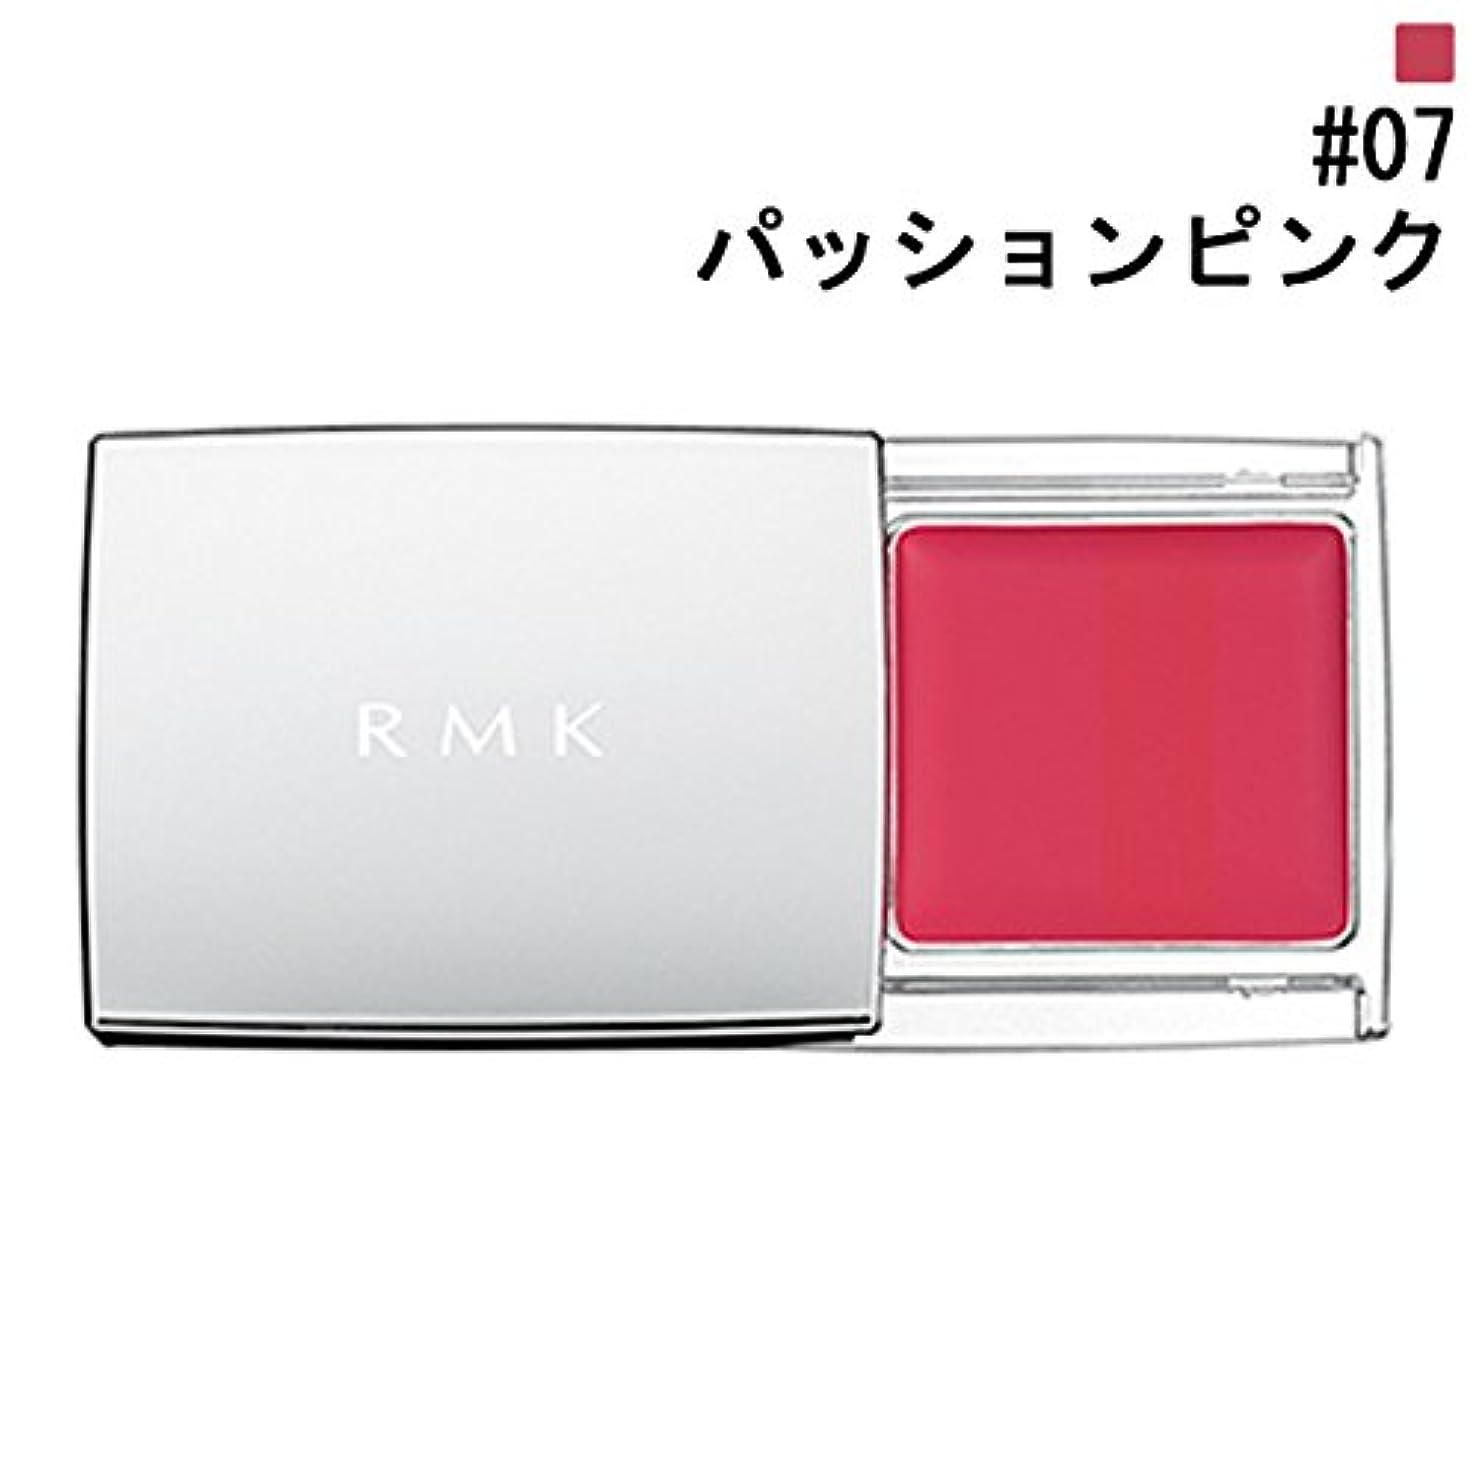 チーターペニー汚染する【RMK (ルミコ)】RMK マルチペイントカラーズ #07 パッションピンク 1.5g